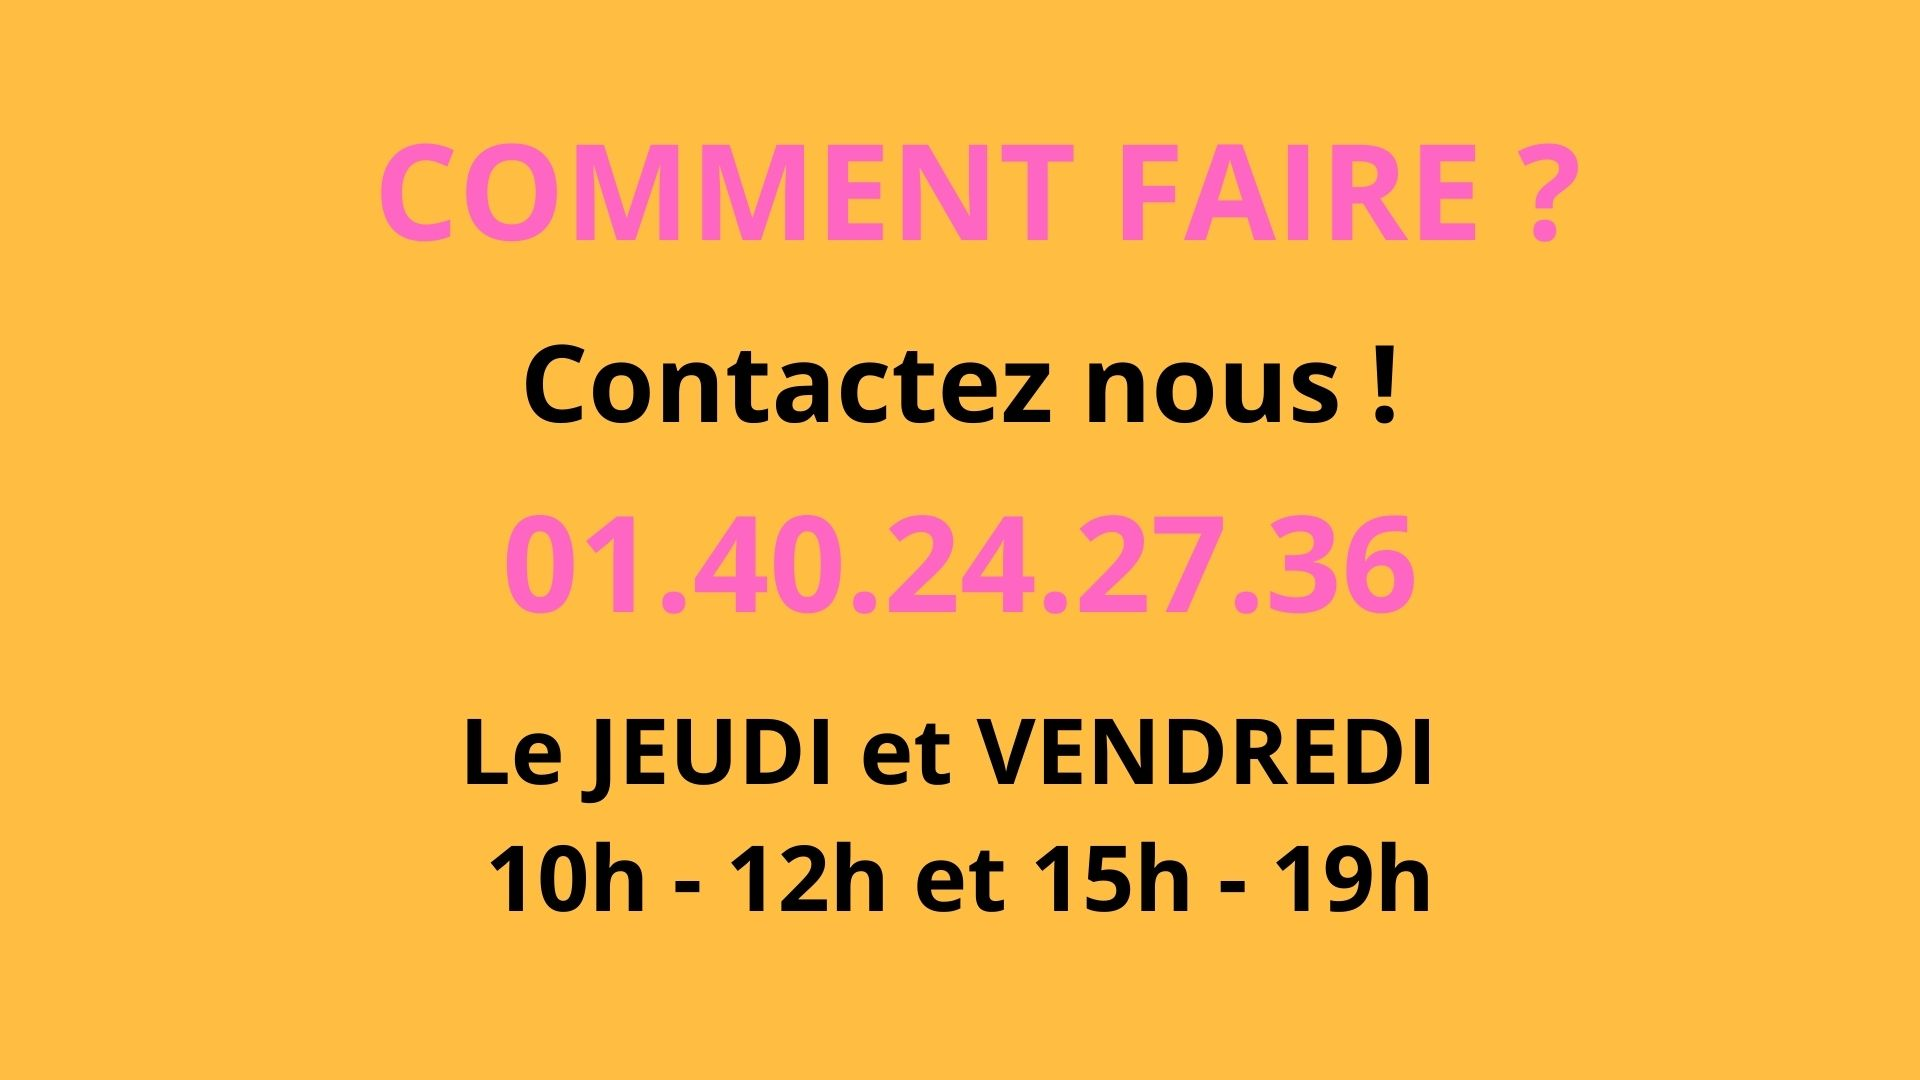 Contactez nous pour vendre vos livres